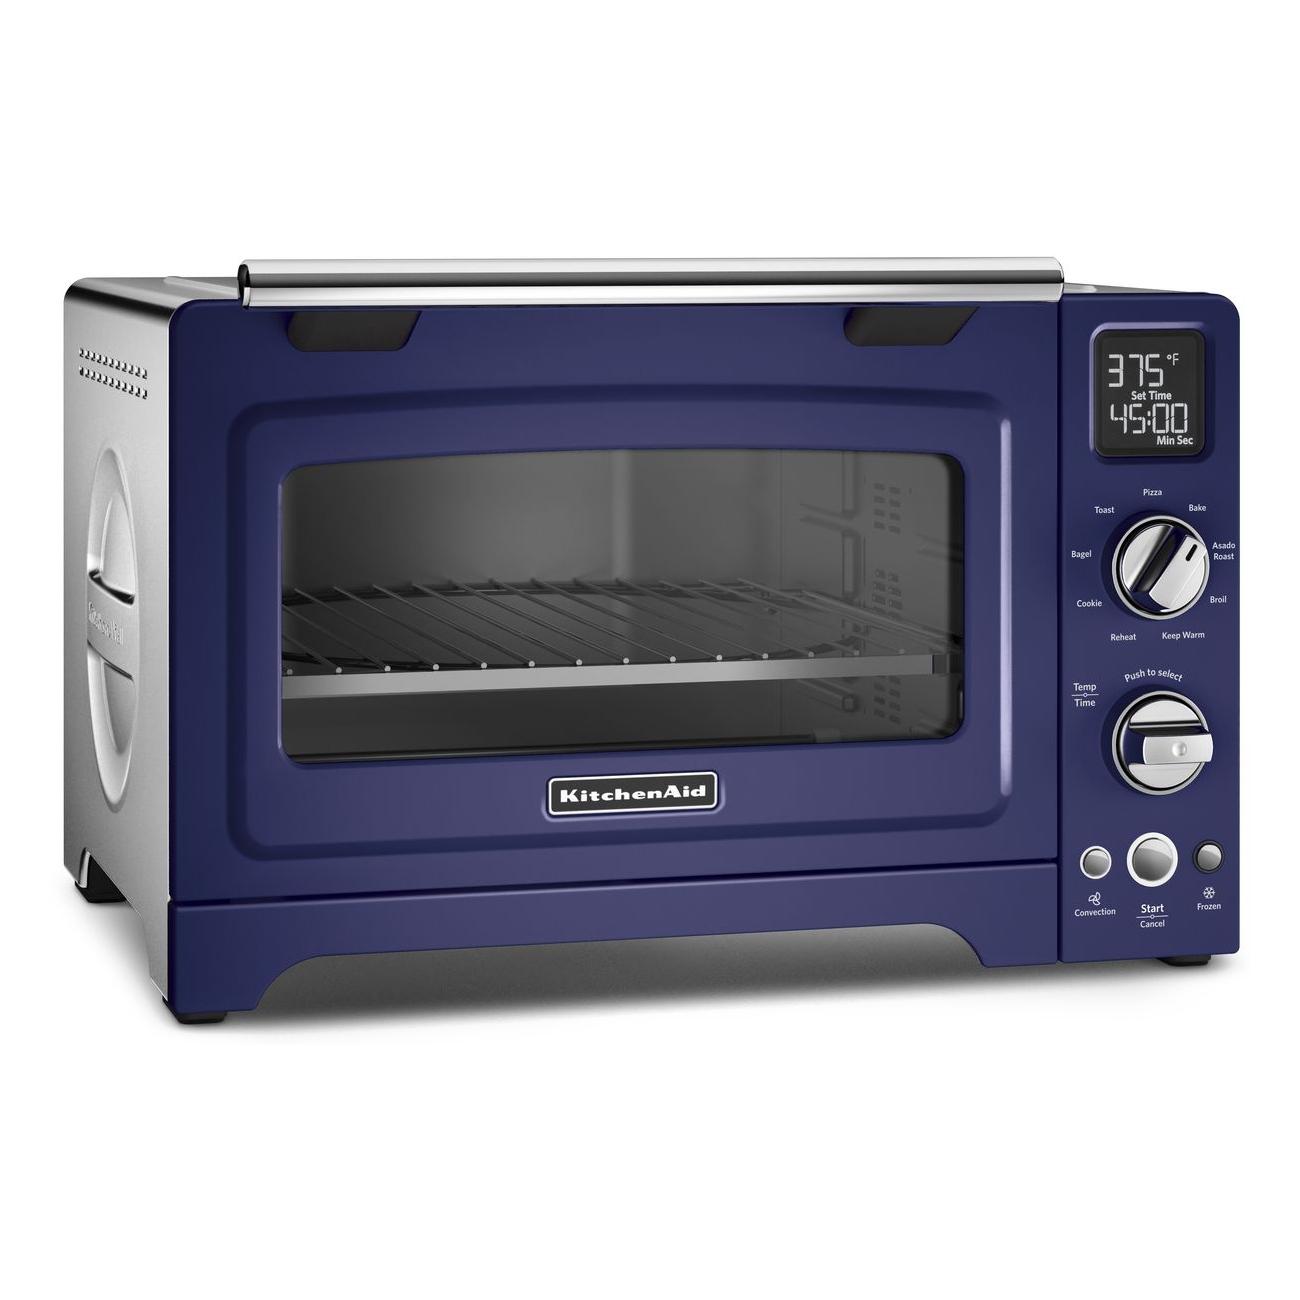 KitchenAid Cobalt Blue Digital Convection Oven